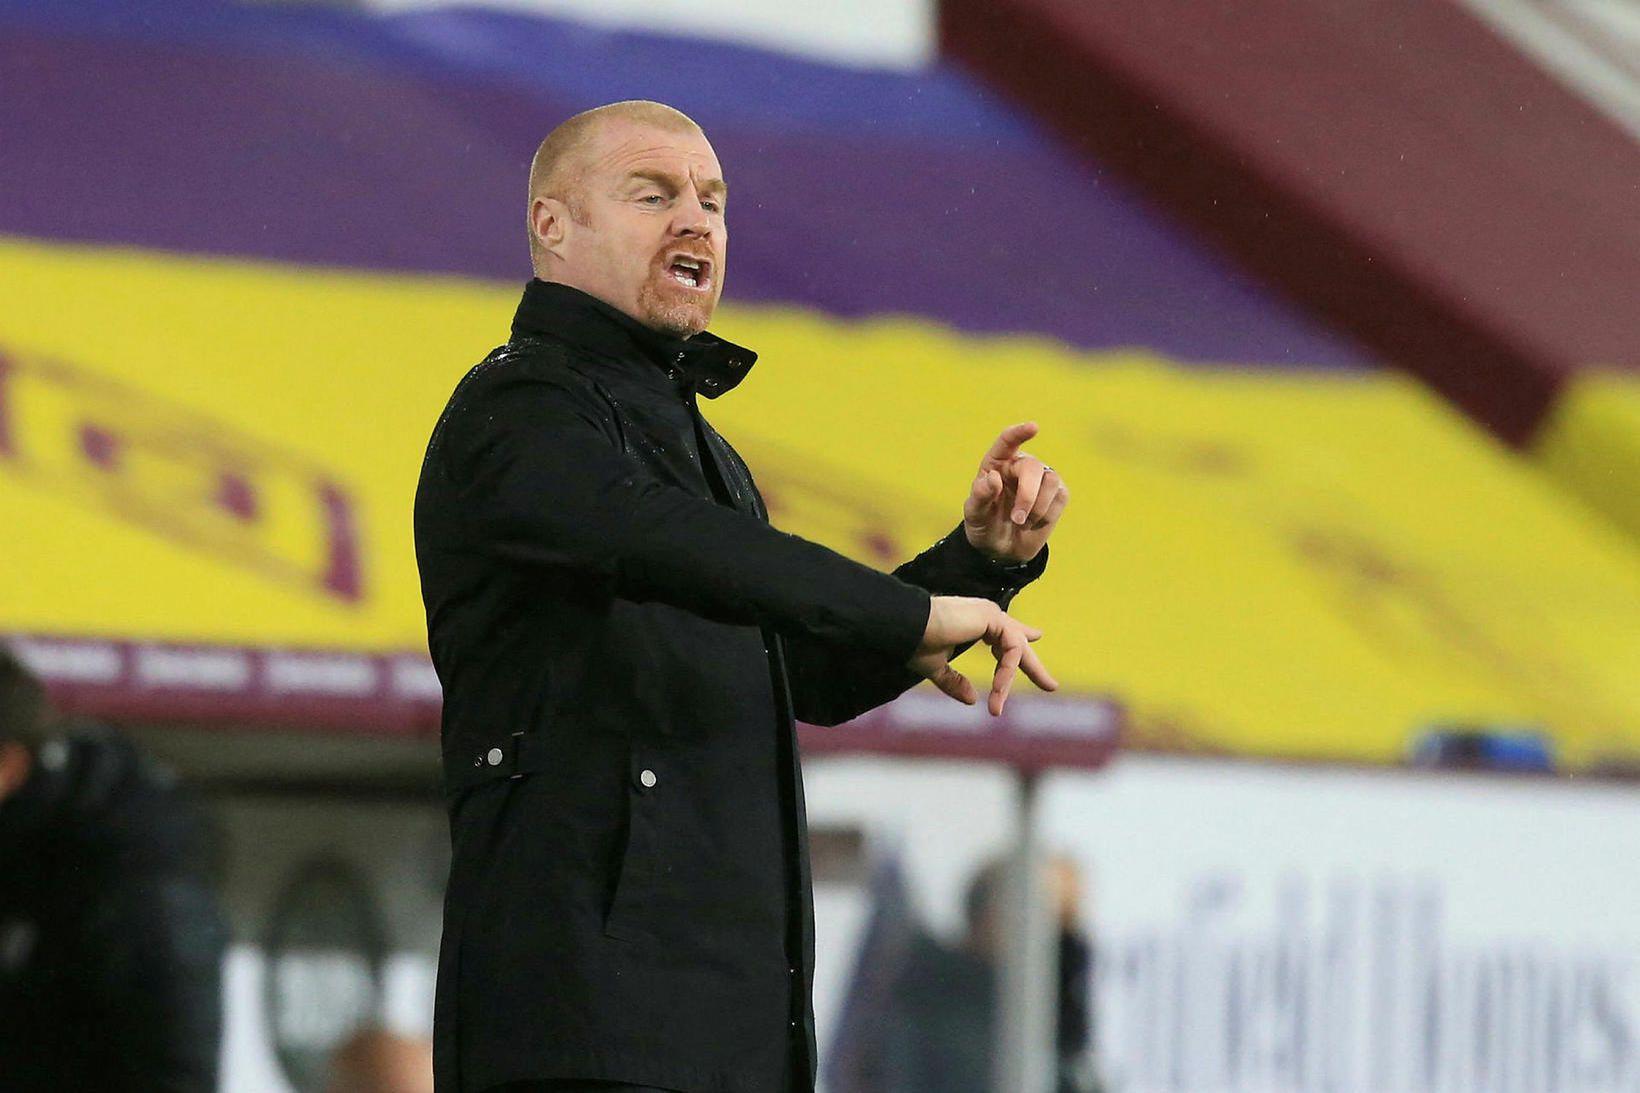 Sean Dyche hefur stýrt Burnley frá árinu 2012.